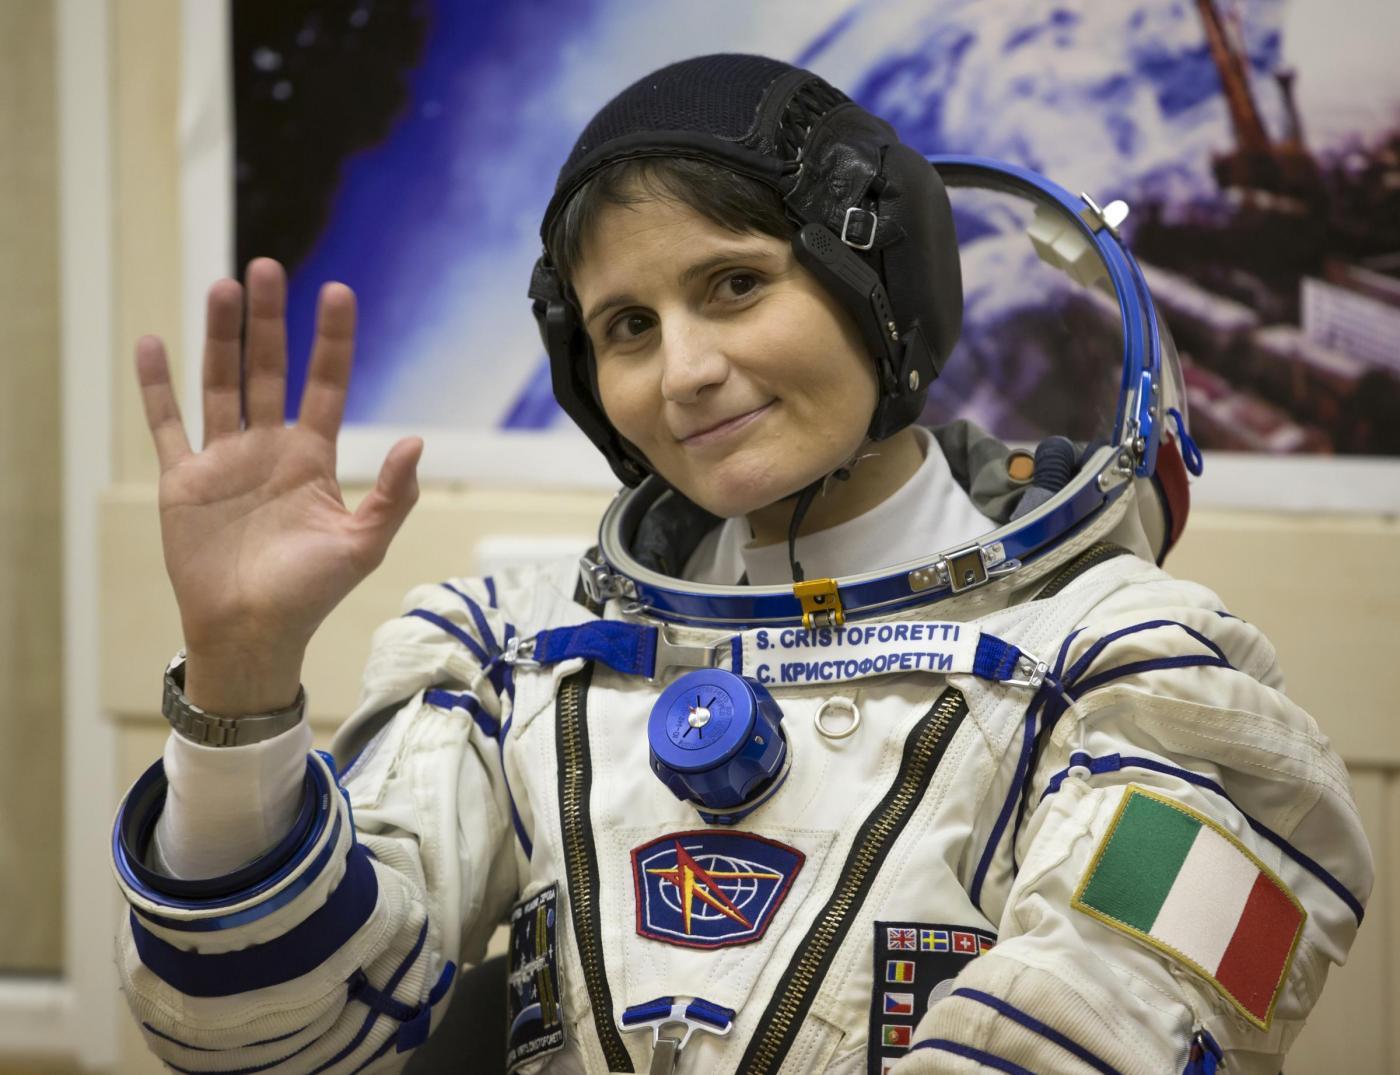 Samantha Cristoforetti è la prima astronauta italiana donna nello spazio